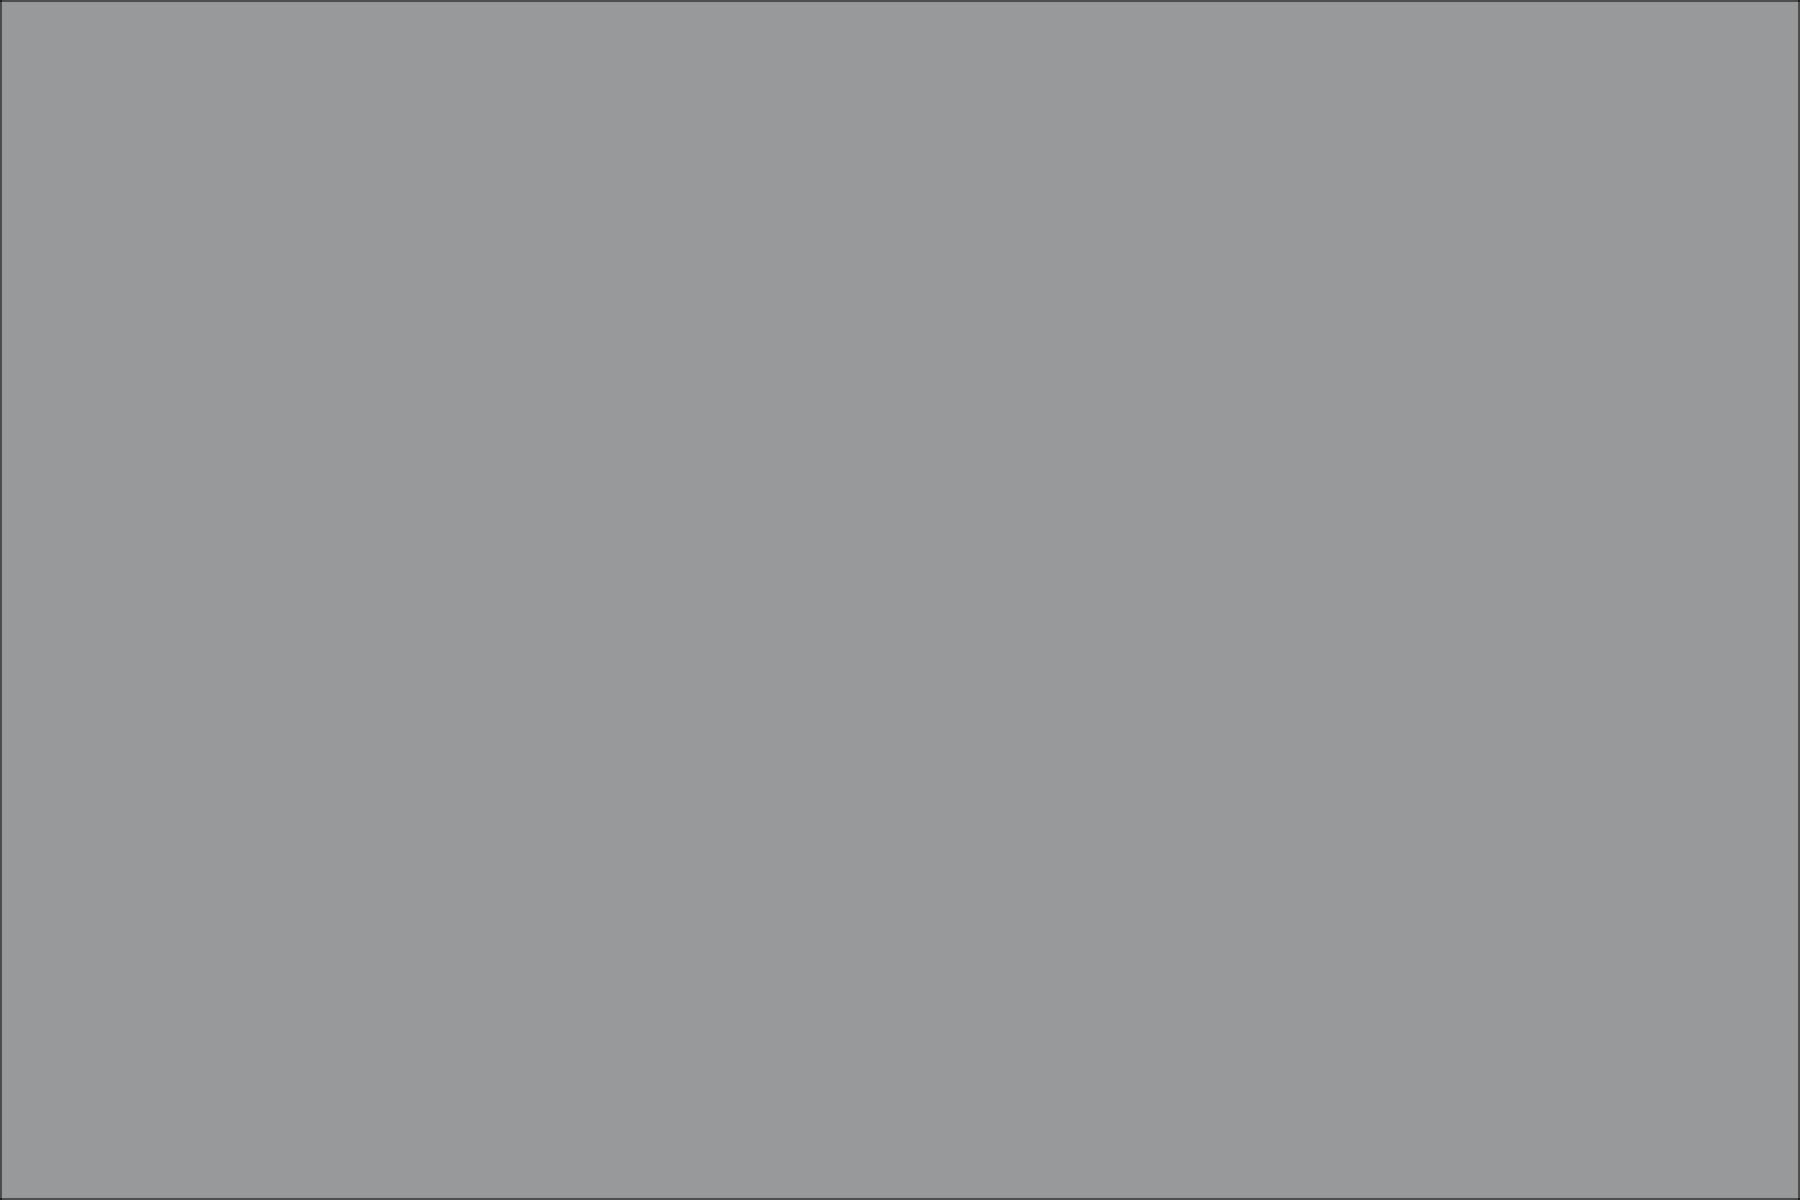 Grey photo